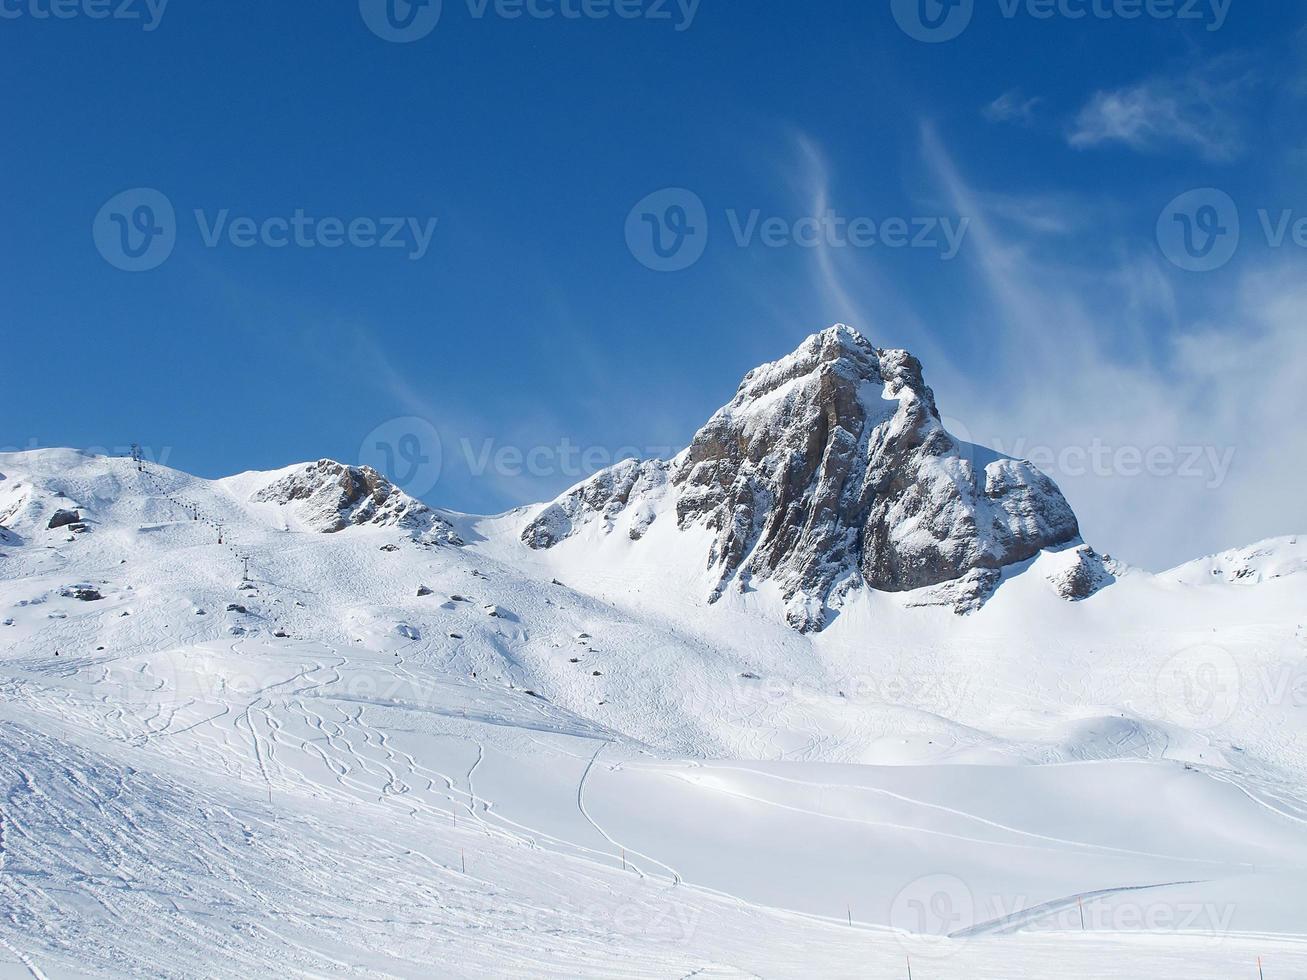 piste de ski photo